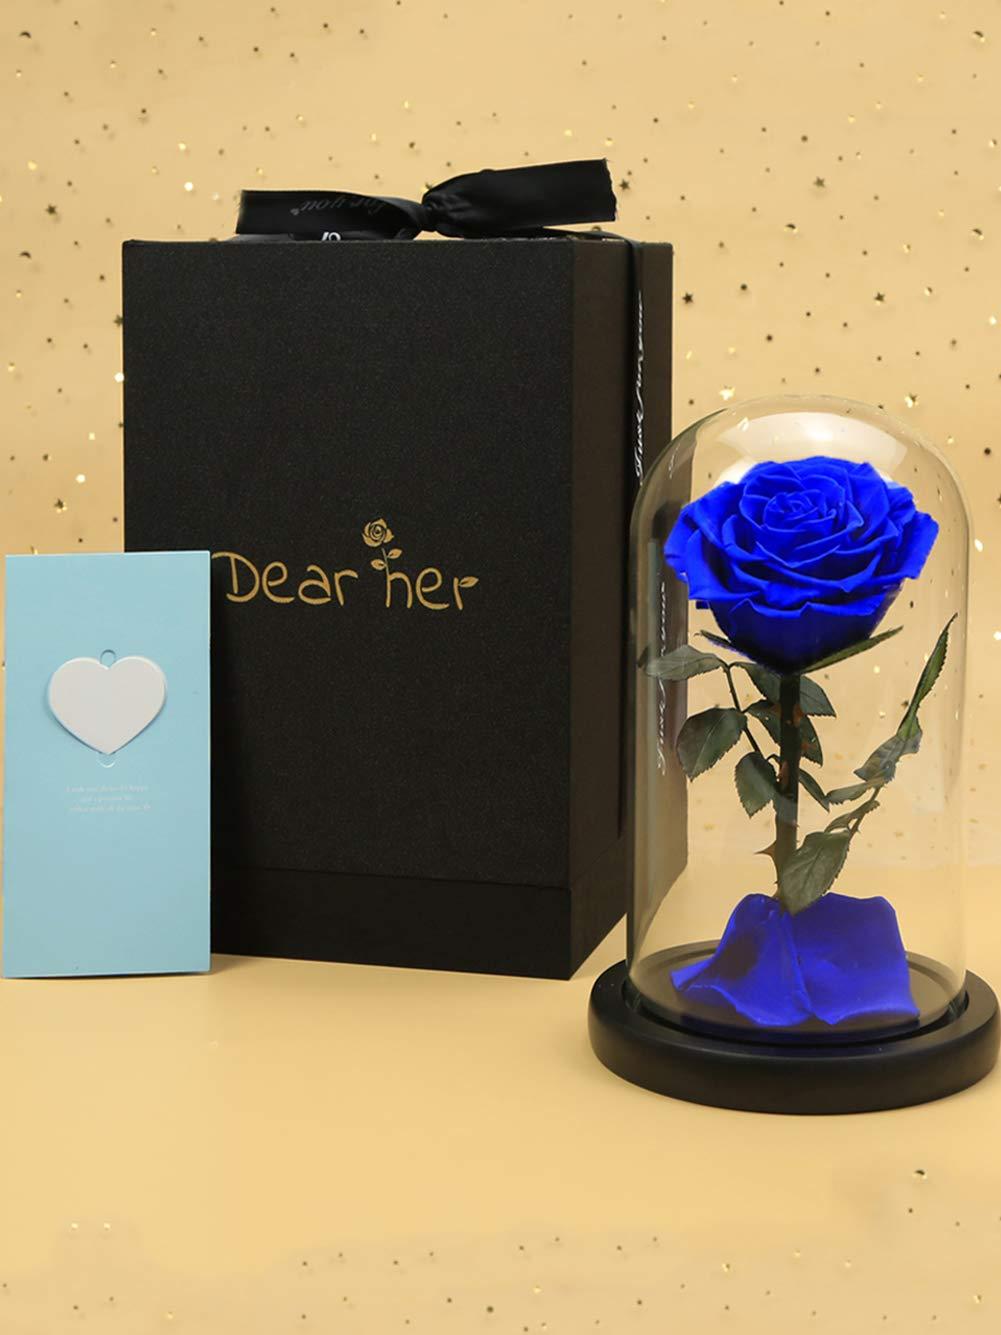 Dear her Beauty and The Beast Rose、手作り保存花、ガラスギフトボックス入りプリザーブドフラワー、家族パーティー、結婚式、バレンタイン、彼女への最高の贈り物 ブルー B07LFFMFBB ブルー